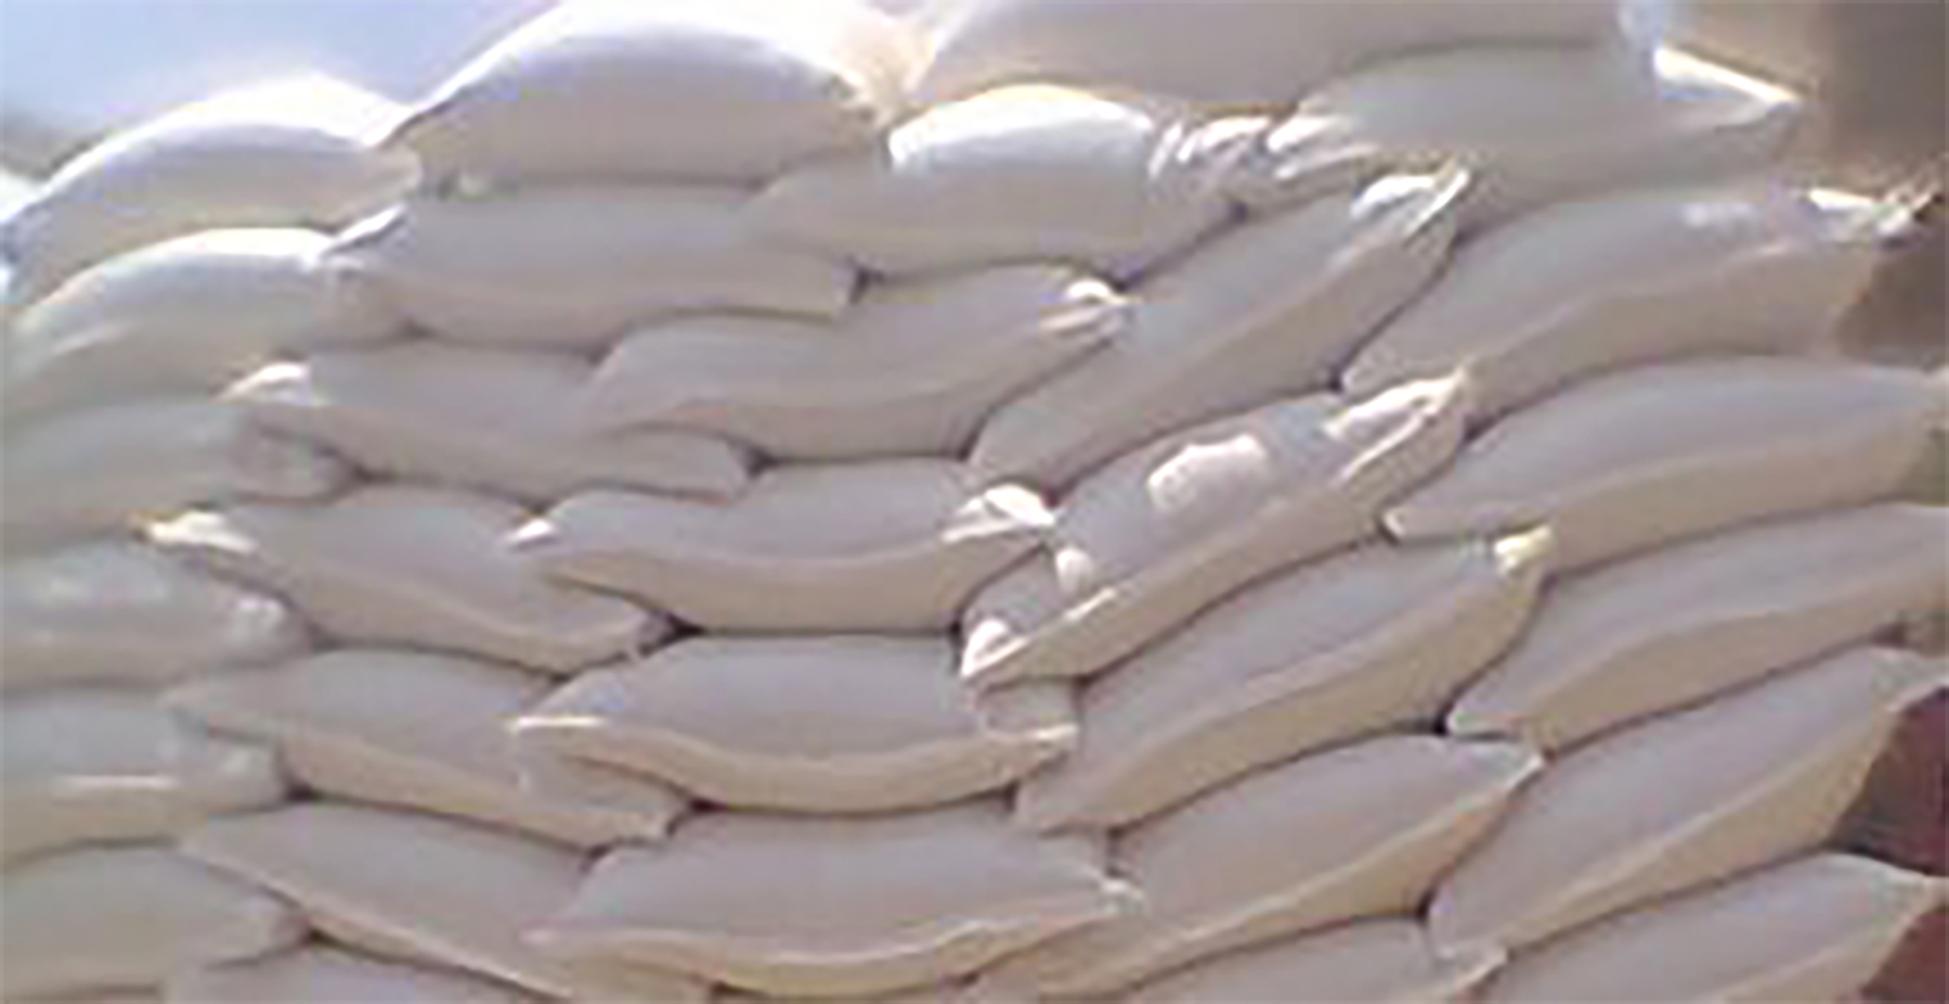 نقص في حصة الدقيق المدعوم بولاية الخرطوم